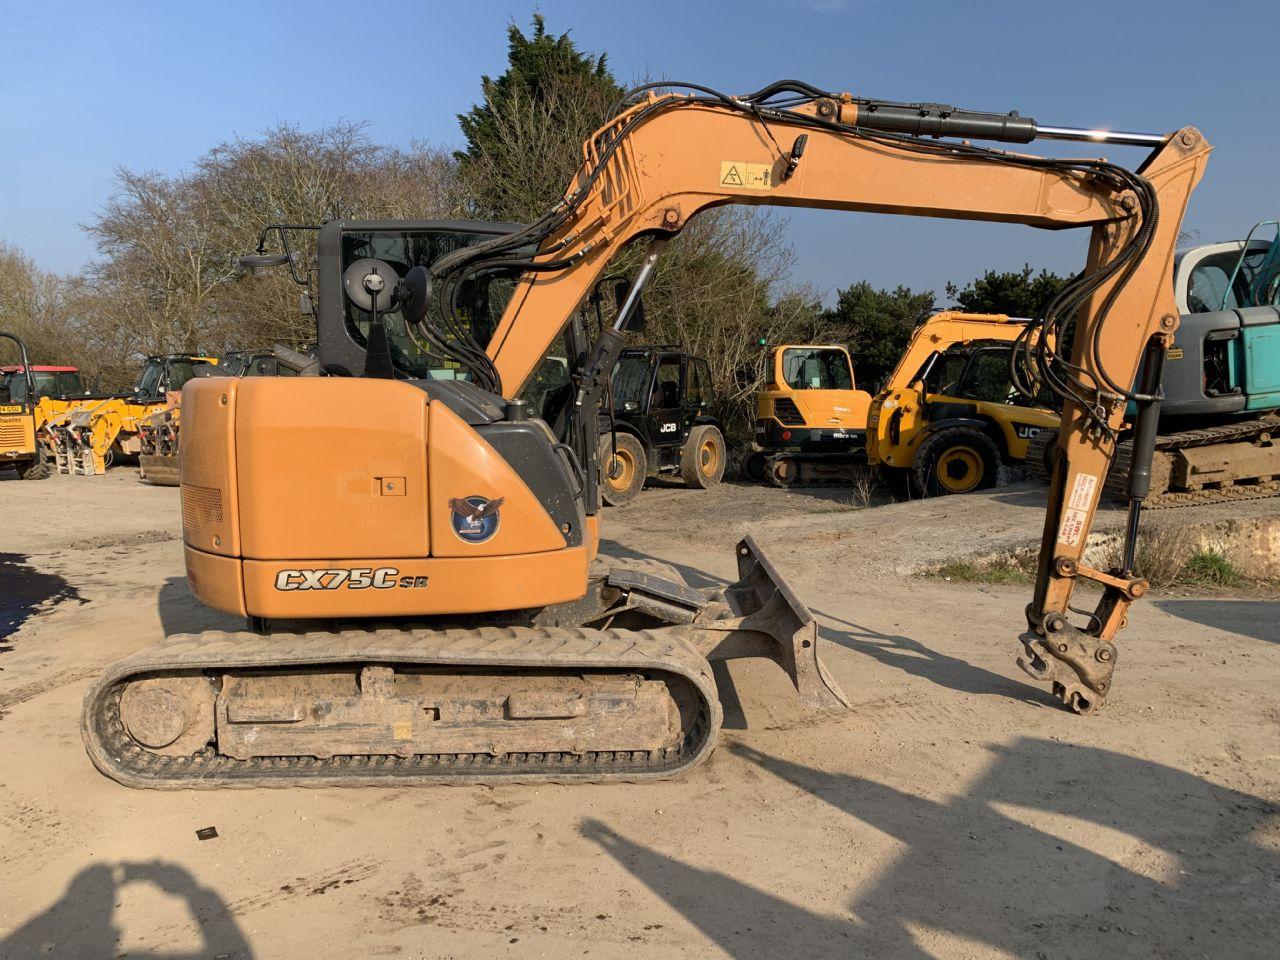 CASE CX75C SR EXCAVATOR - Picture 1